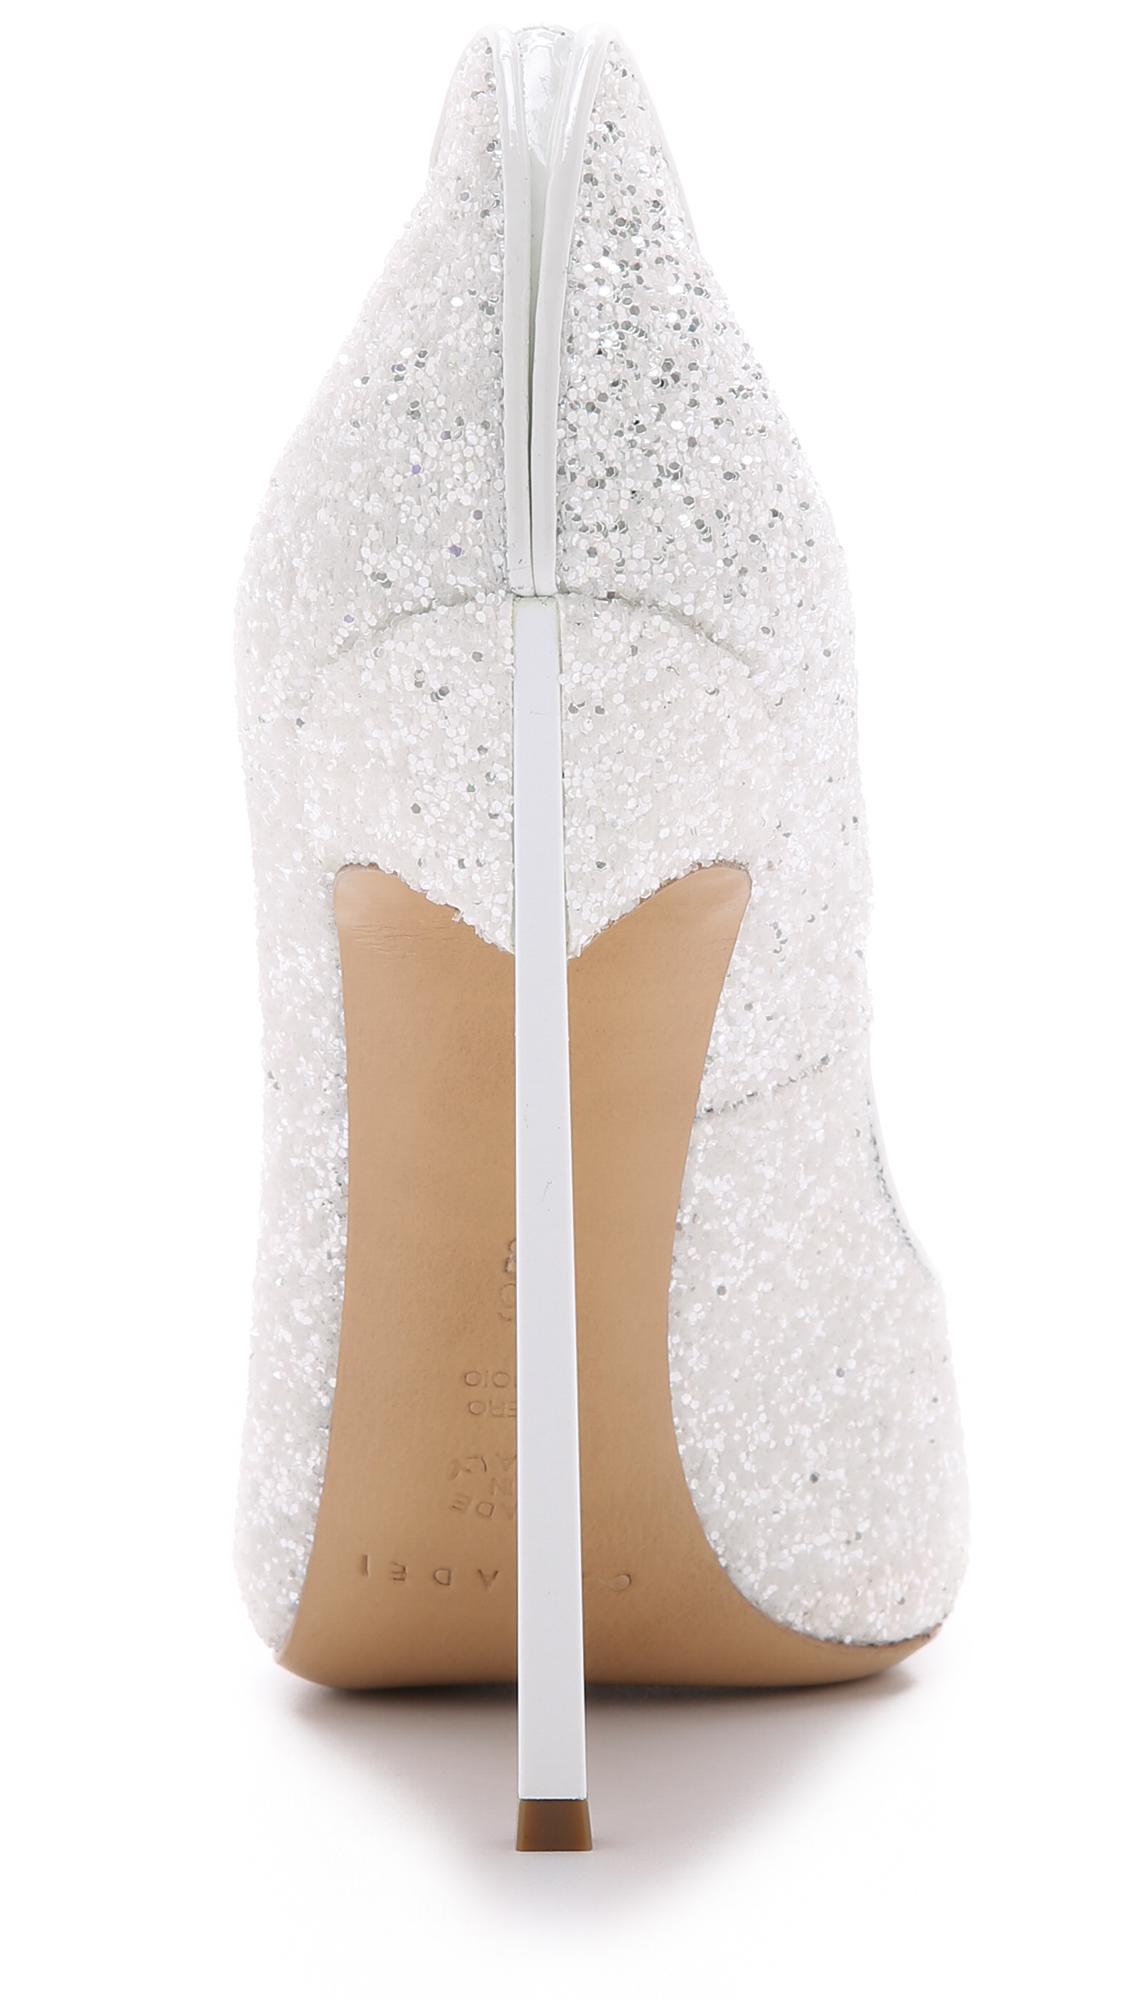 47e2c1885ea0 Lyst - Casadei Glitter Pumps - White in White